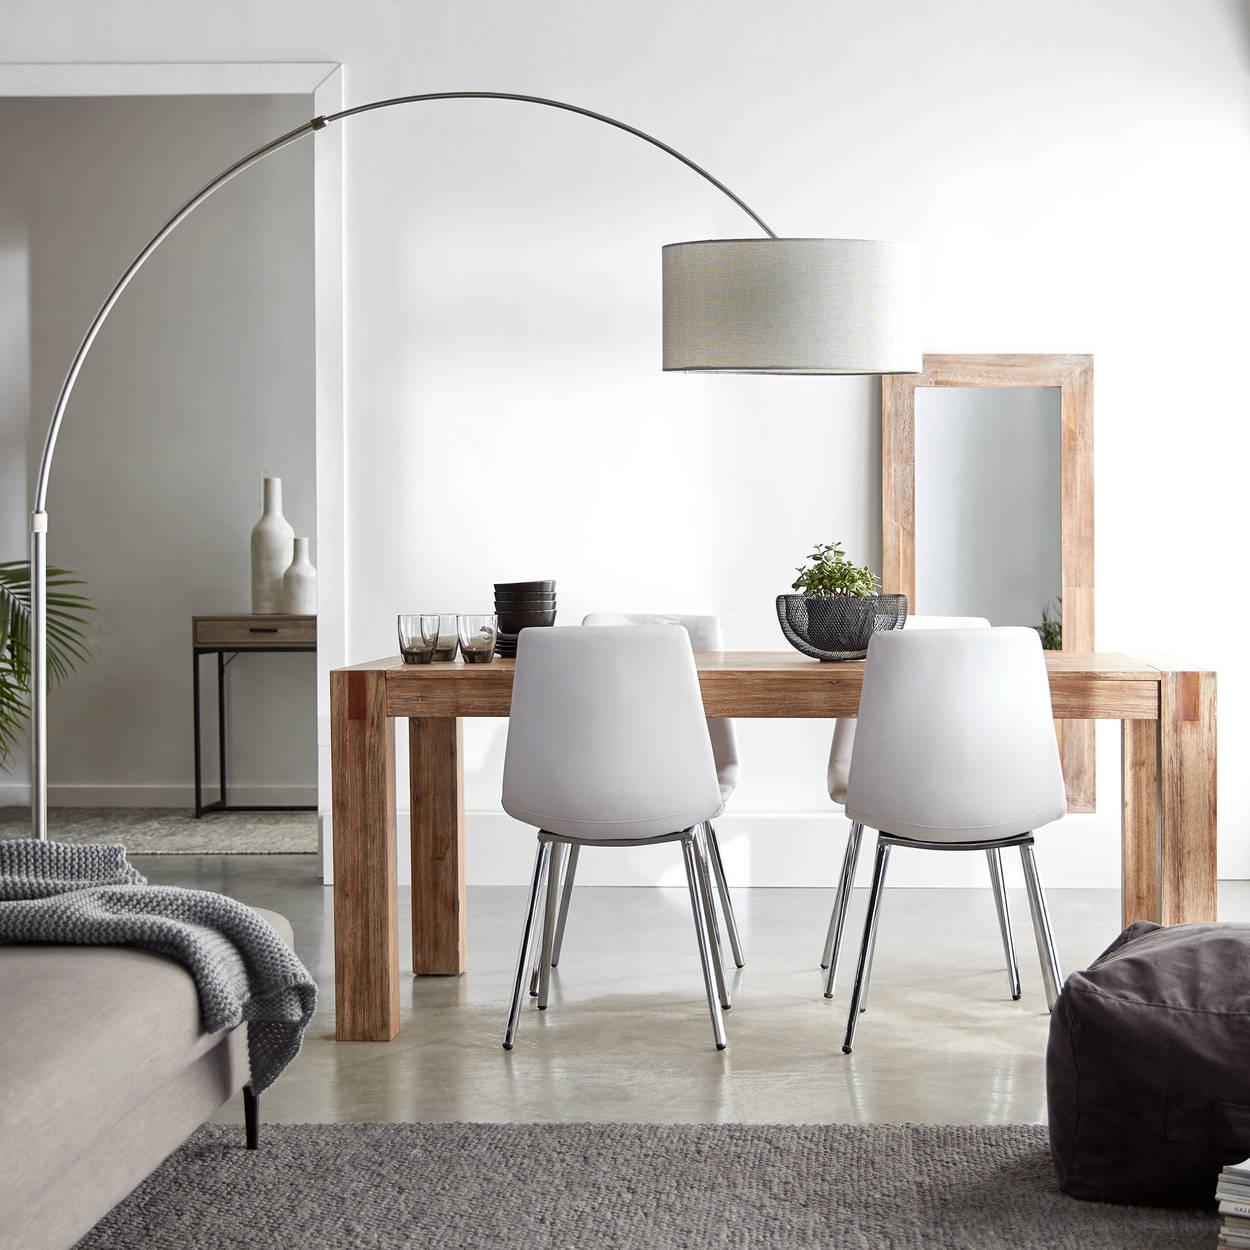 Kleines Wohnzimmer Mit Essbereich Einrichten Tipps Der